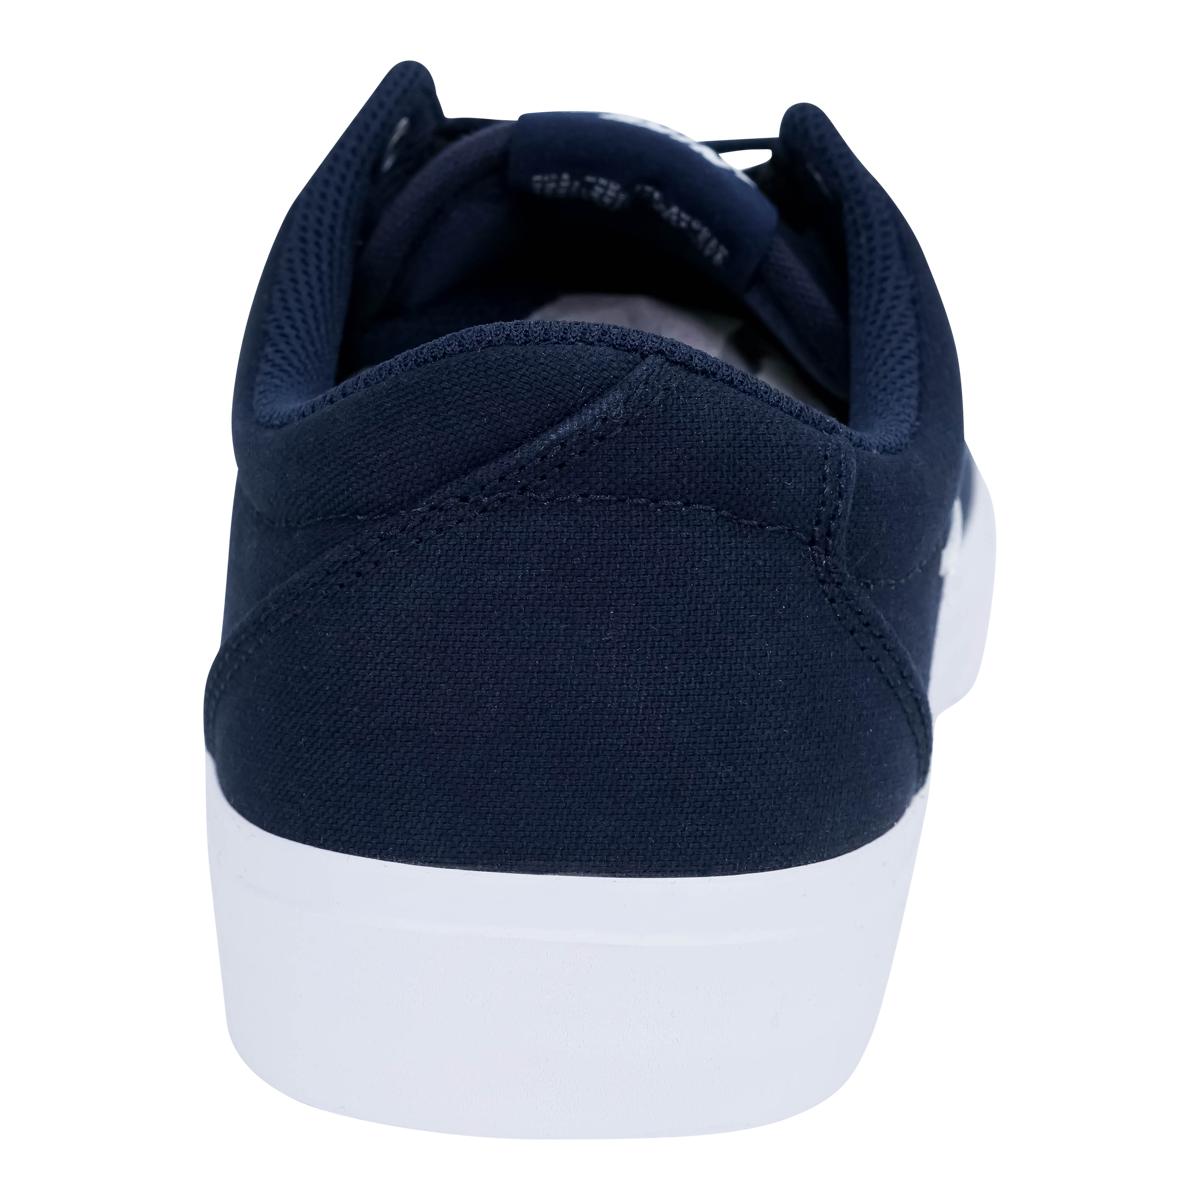 Nike-Men-039-s-SB-Charge-Solarsoft-Shoes thumbnail 9